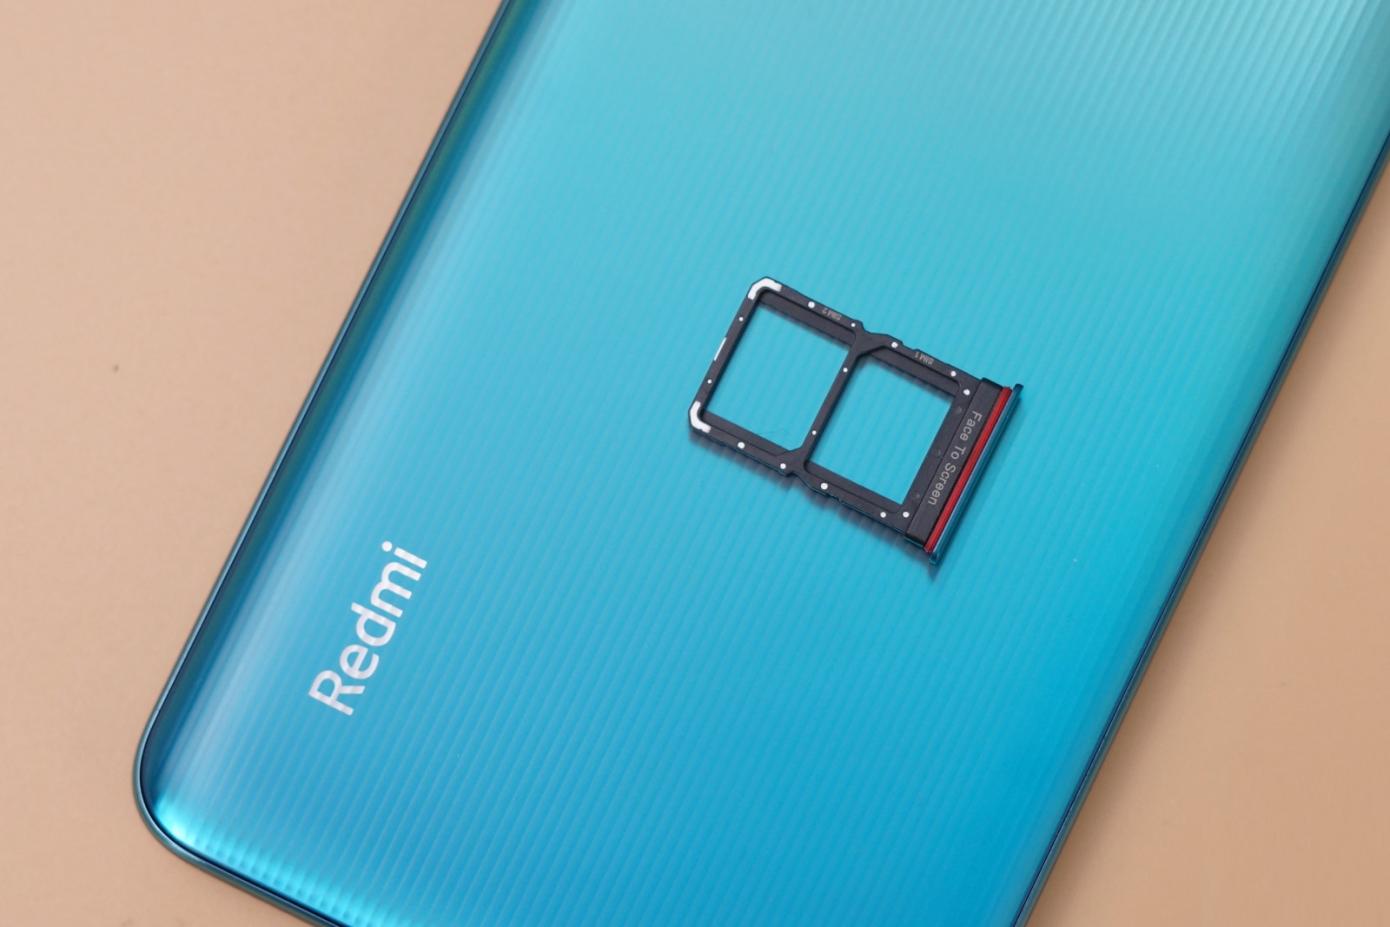 Xiaomi Predstavlyaet Novye Produkty Redmi Vklyuchaya Sovershenno Drugoj Redmi Note 10 Pro 5